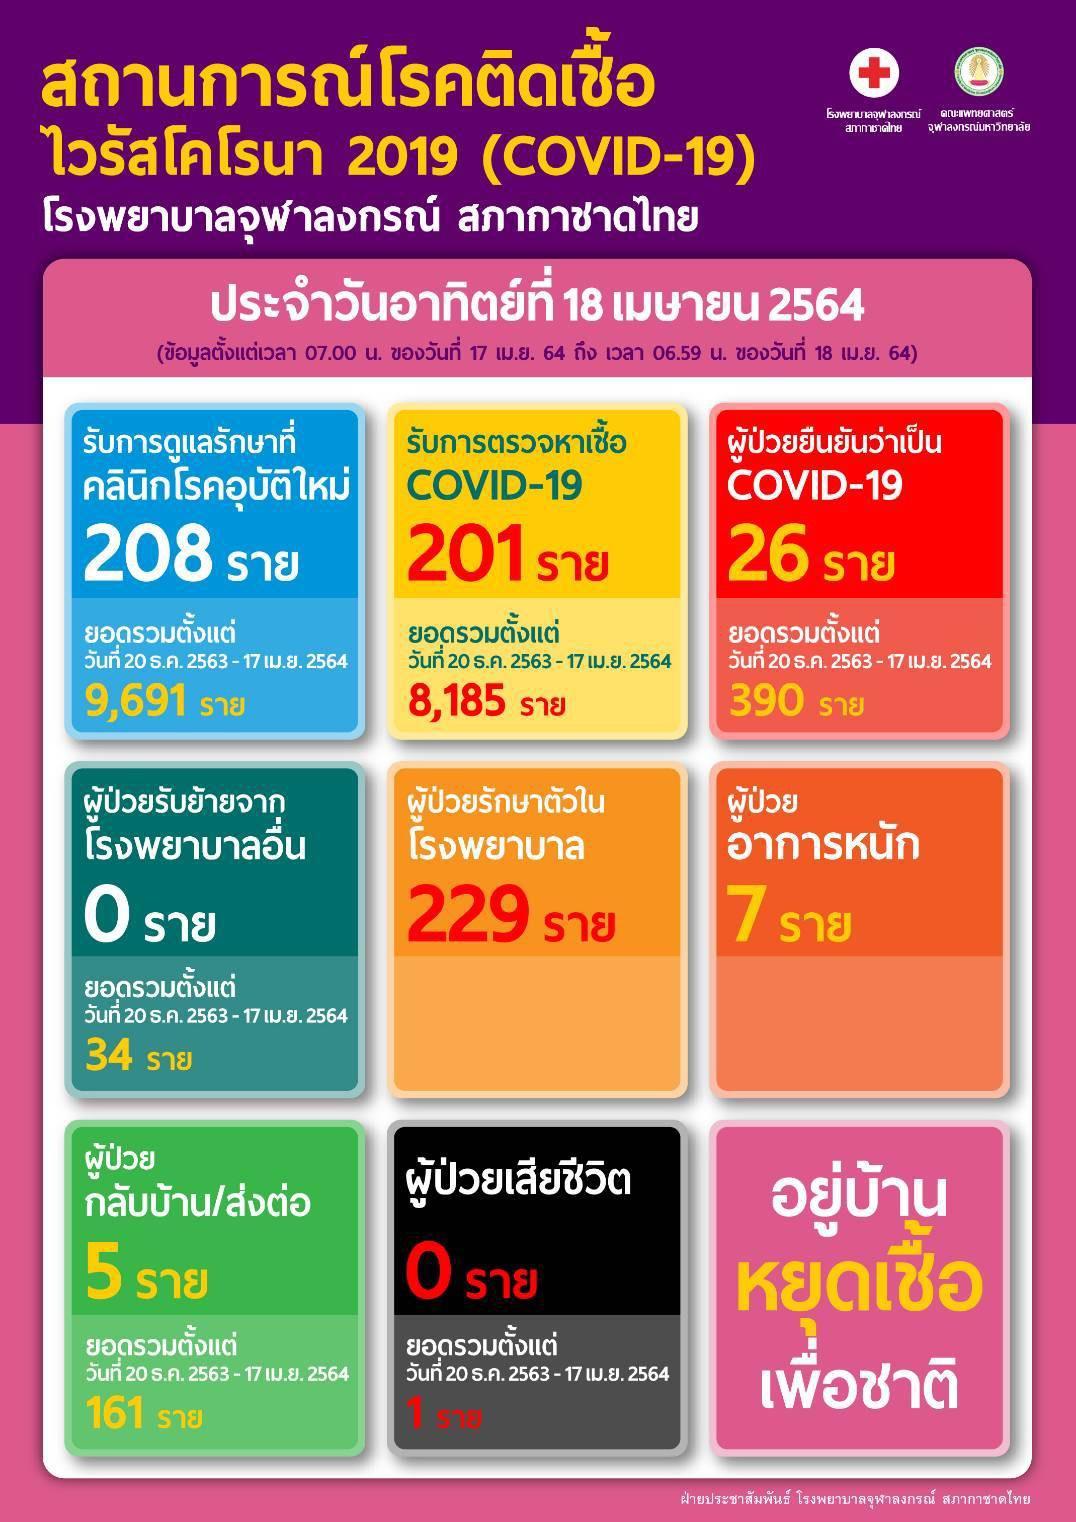 สถานการณ์โรคติดเชื้อ ไวรัสโคโรนา 2019 (COVID-19) โรงพยาบาลจุฬาลงกรณ์ สภากาชาดไทย ประจำวันอาทิตย์ที่ 18 เมษายน 2564